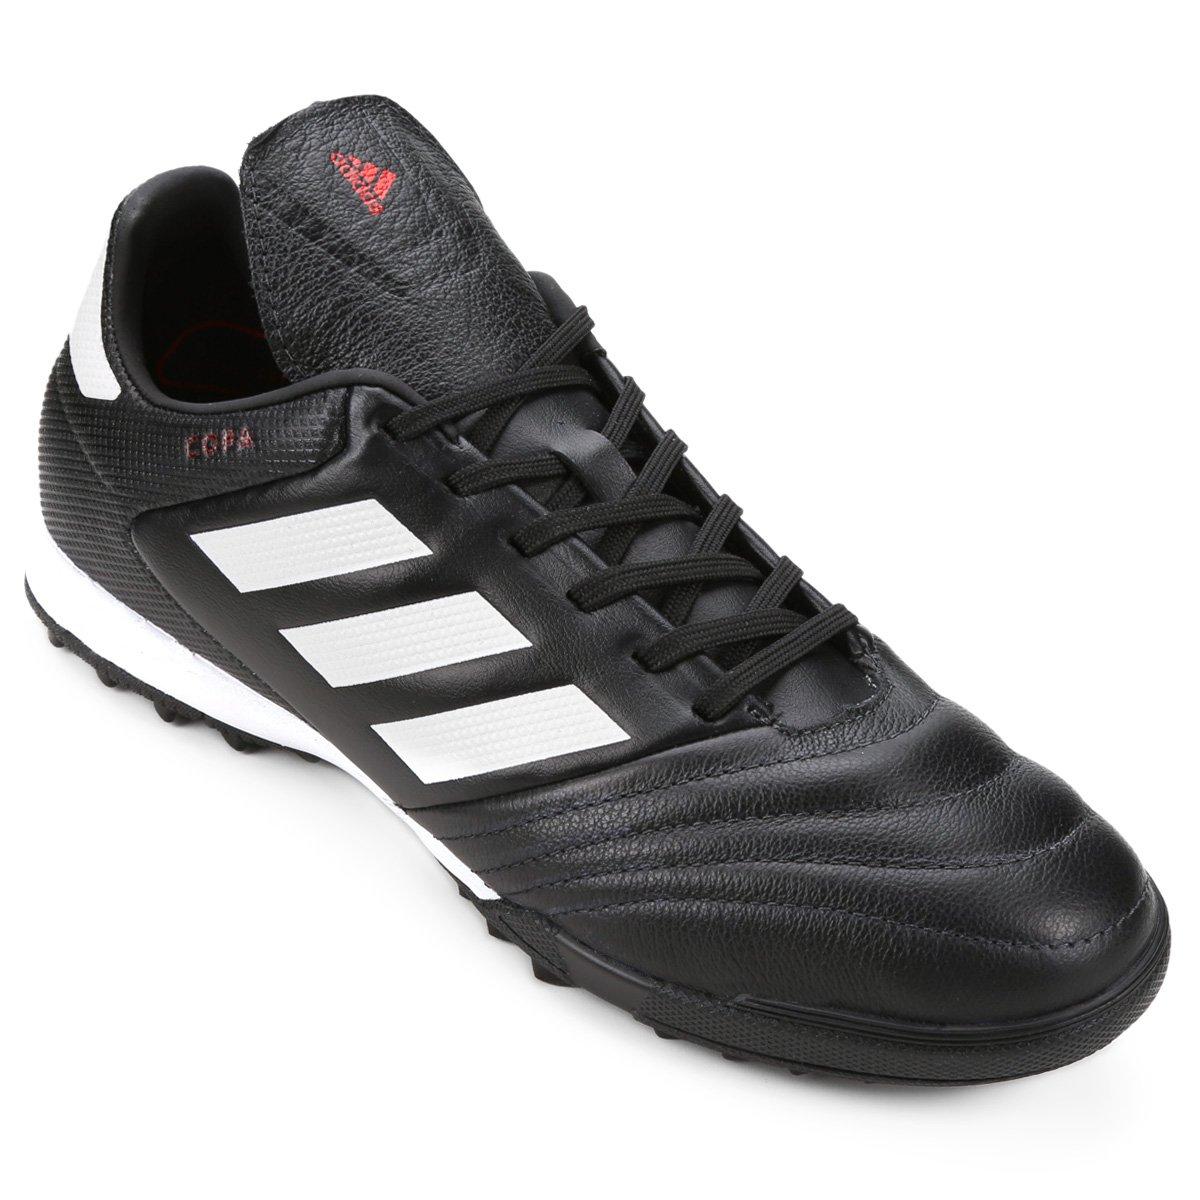 Chuteira Society Adidas Copa 17.3 TF - Preto e Branco - Compre Agora ... 0e43ef30eac81